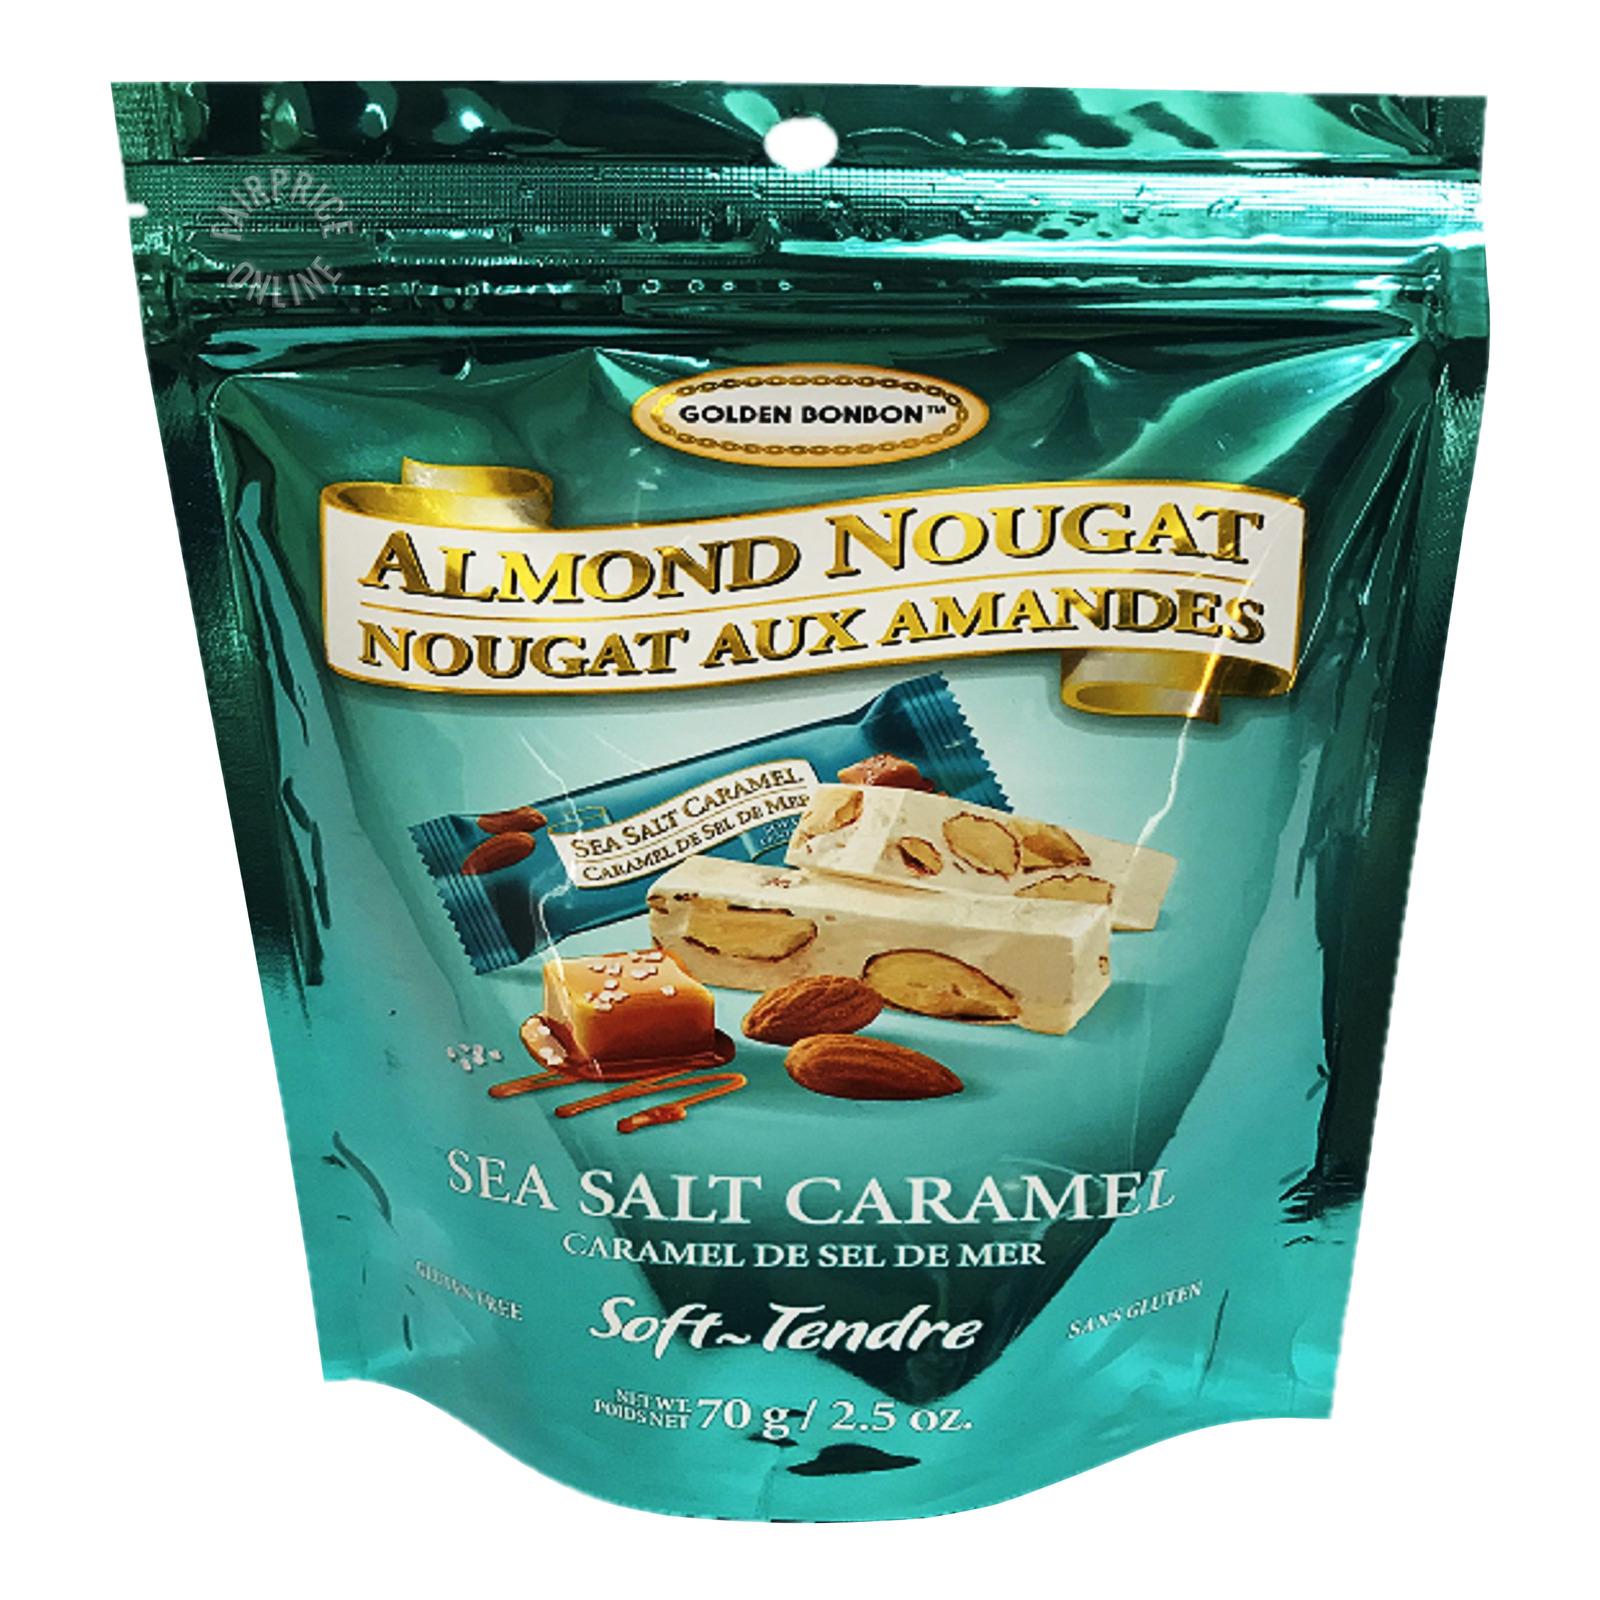 Golden Bon Bon Almond Nougat - Sea Salt